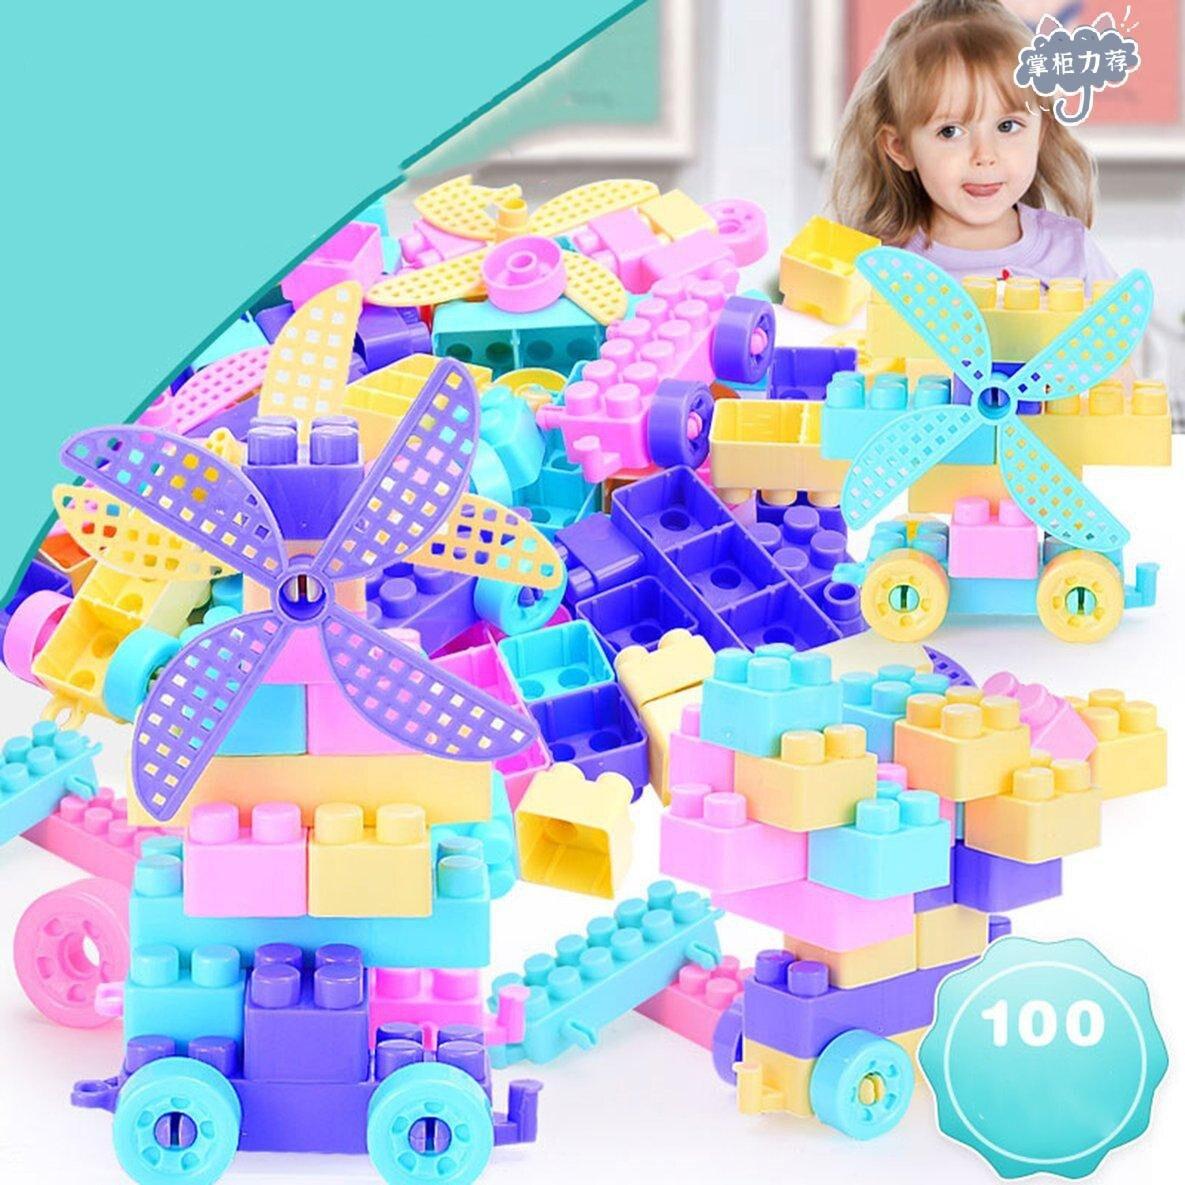 【全館免運】積木套裝益智積木堆疊玩具連接套件(100 PCS)新品 上架